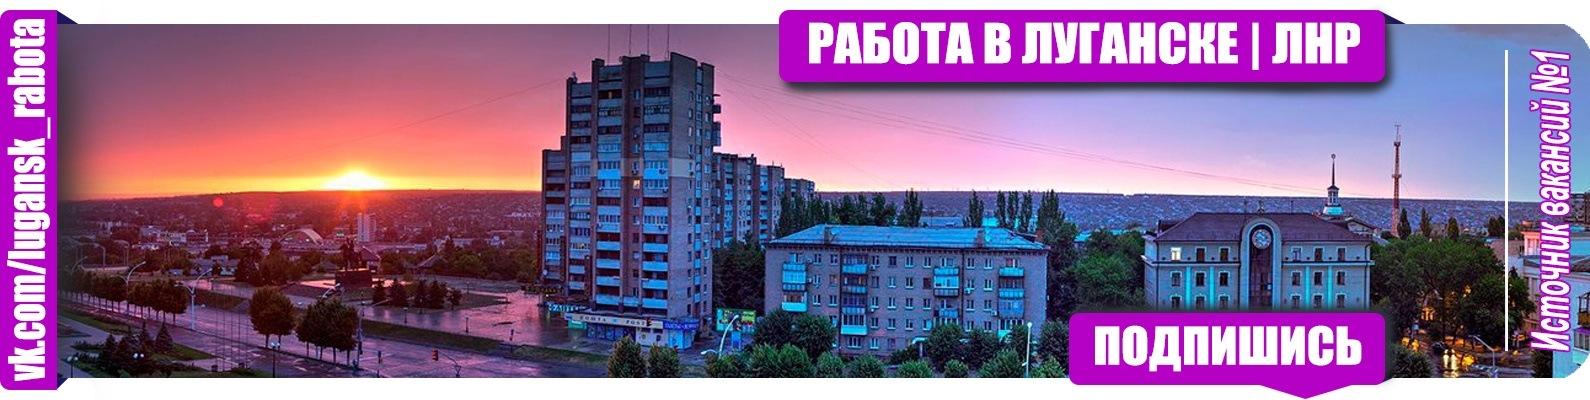 e48e4a6c5b5 Работа в Луганске